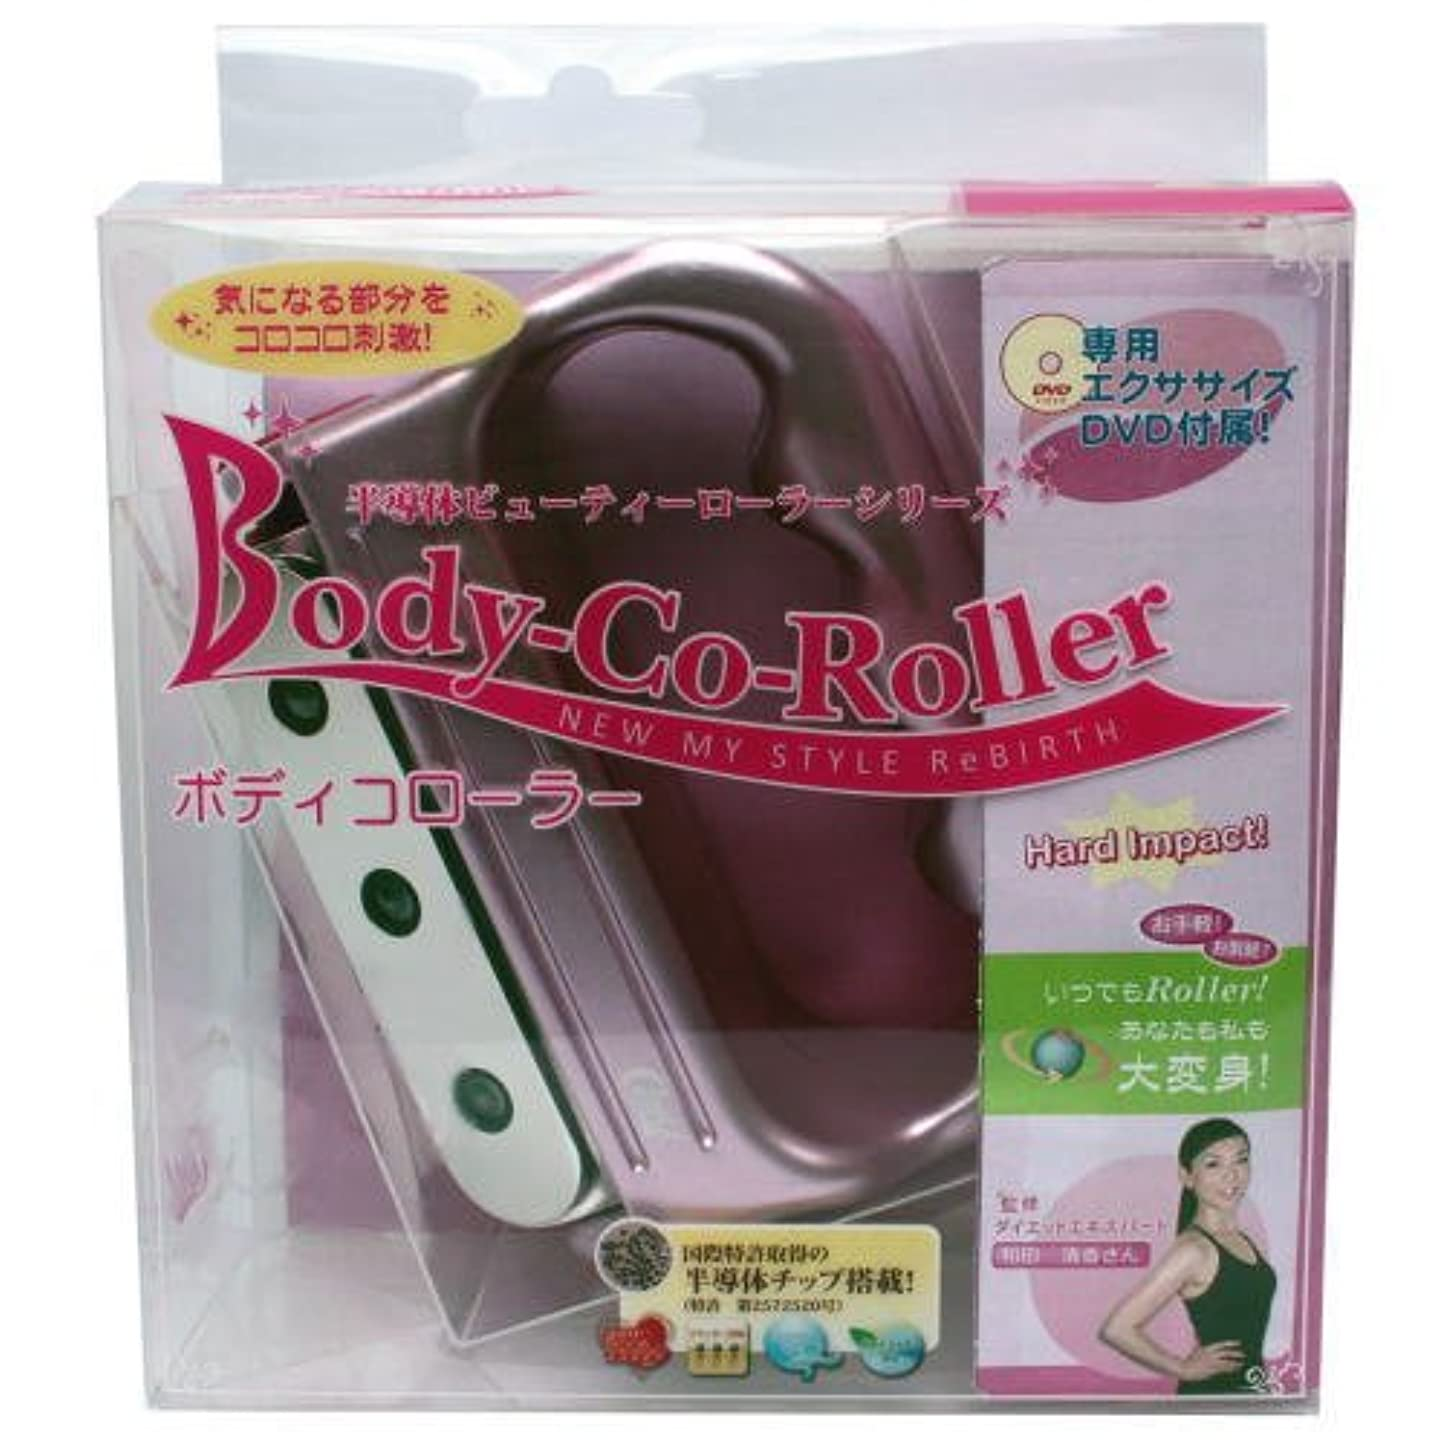 屋内でタワー正確にボディコローラー BCR-PS DVD付モデル